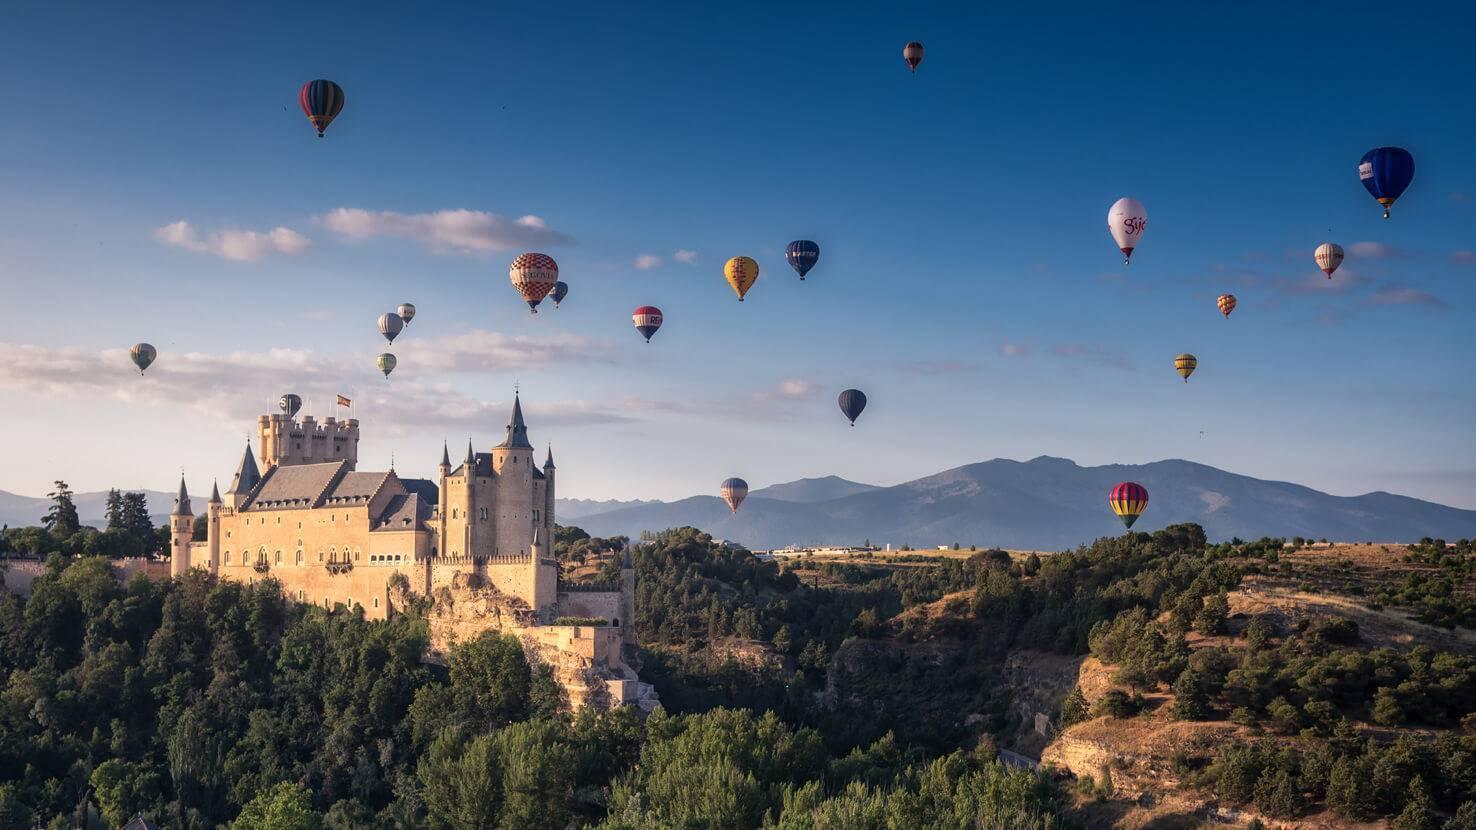 Vuelo en globo aerostático sobre Segovia